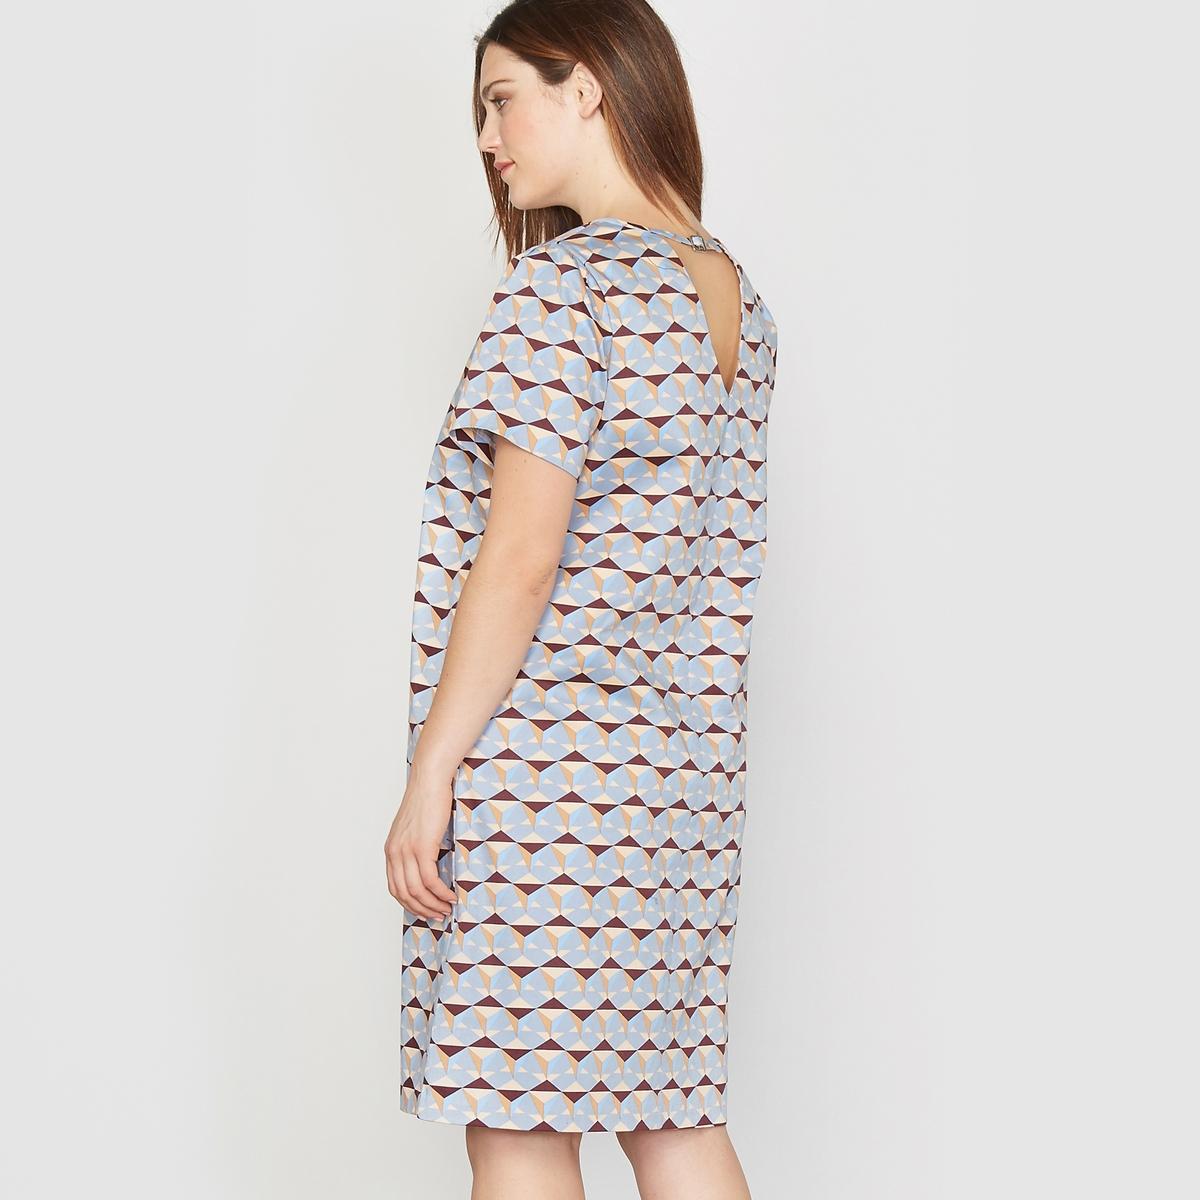 Платье с рисунком и короткими рукавамиСостав и описание :Материал : ткань с рисунком,  98% хлопка, 2% эластана.Длина : 97 см.Марка : CASTALUNAУход : Машинная стирка при 30°.<br><br>Цвет: геометрический рисунок<br>Размер: 42 (FR) - 48 (RUS)